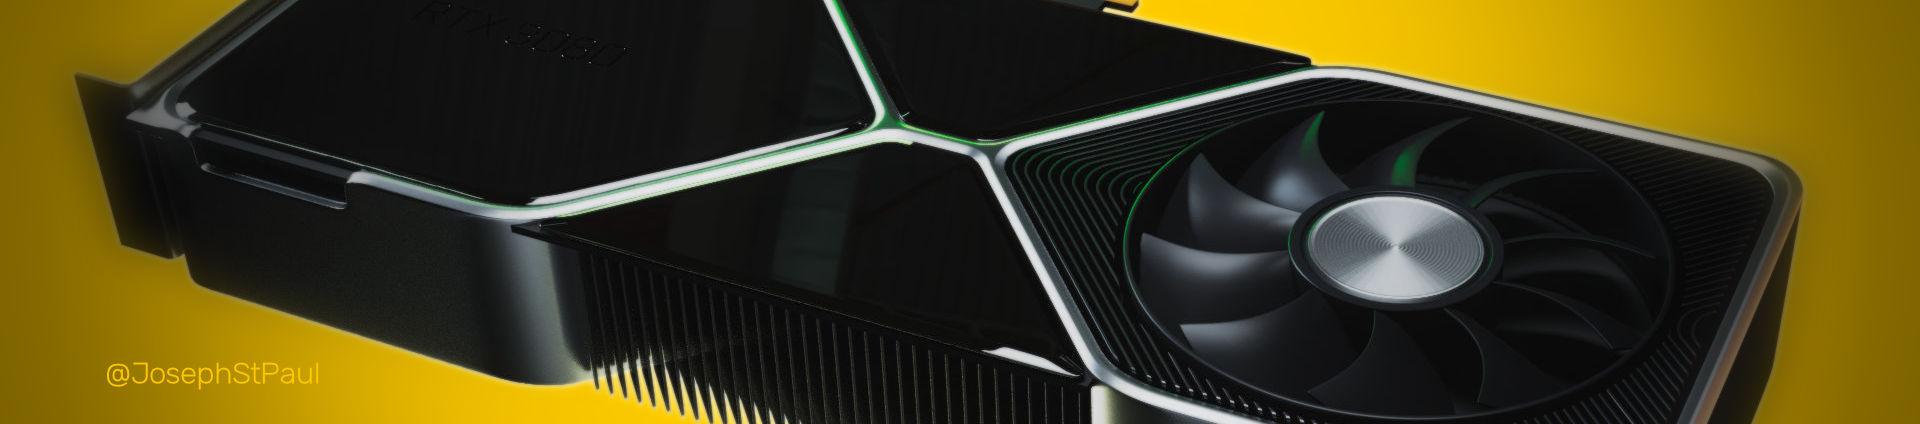 NVIDIA GeForce RTX 30 представят 9 сентября